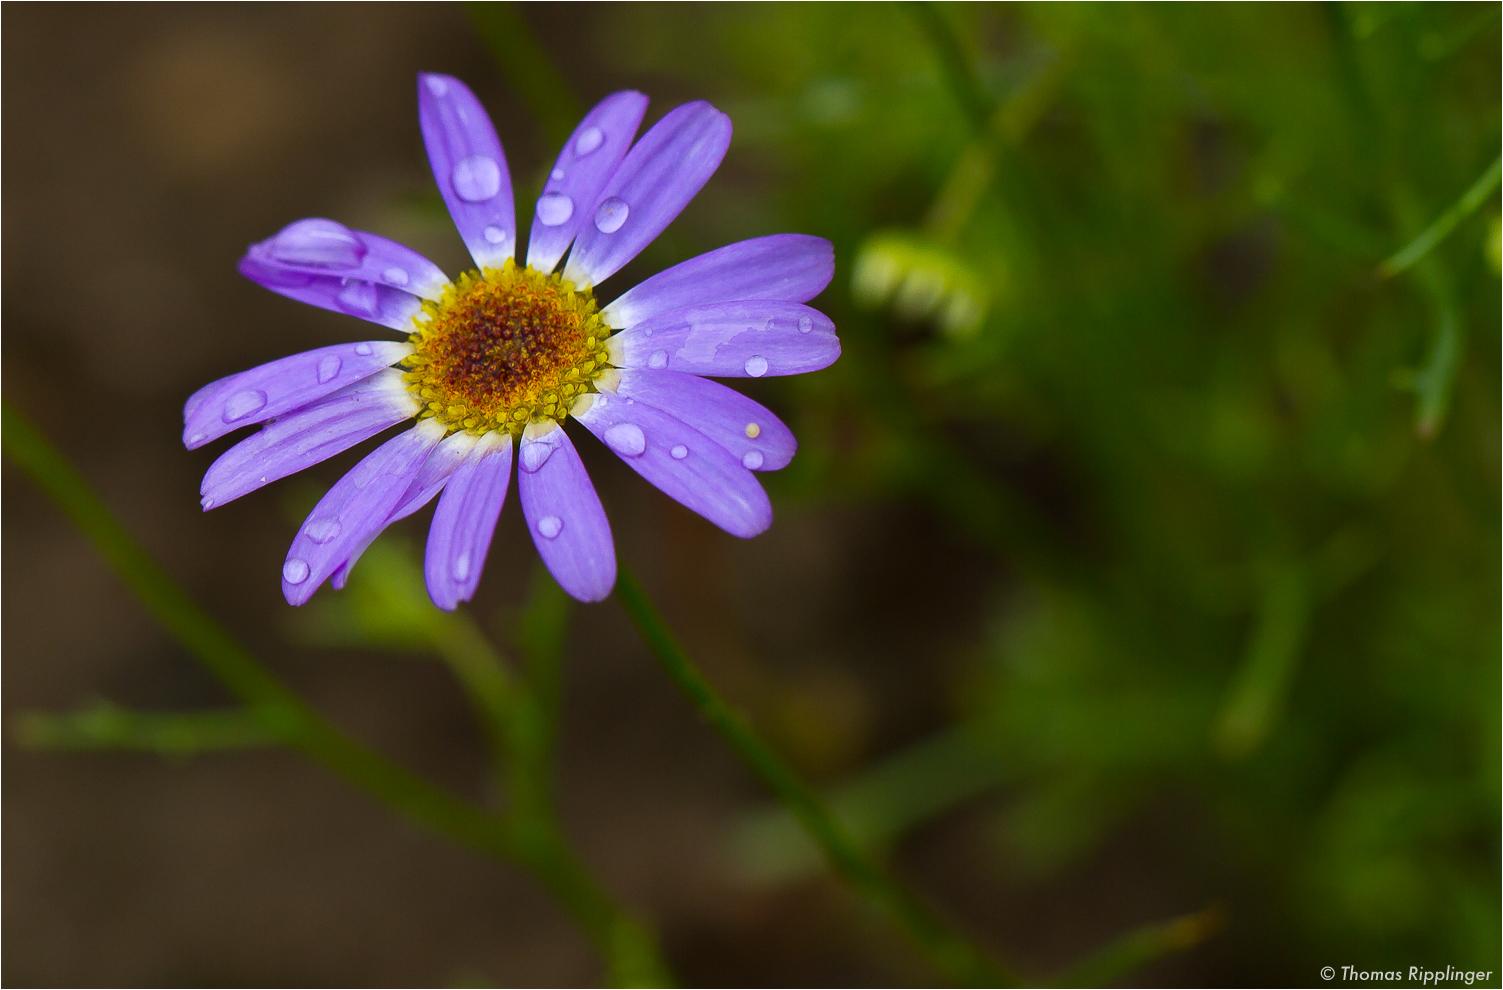 Blaues Gänseblümchen (Brachyscome iberidifolia)